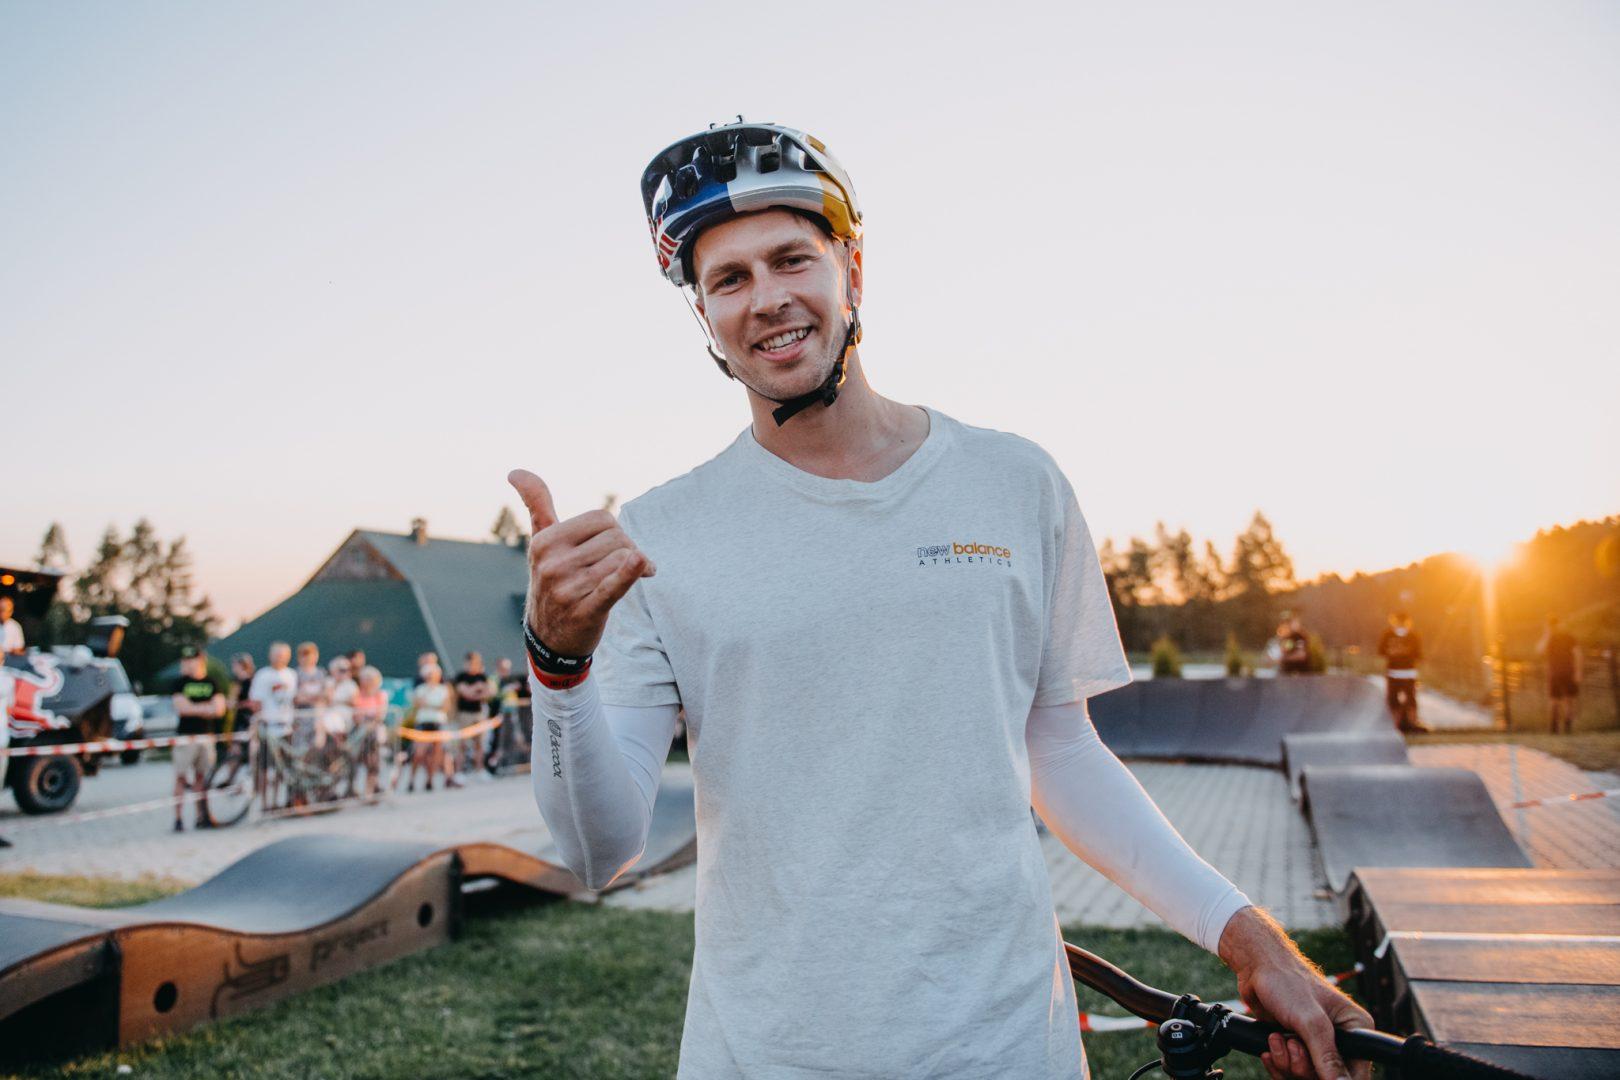 Dzień pierwszy na Małopolska Joy Ride Festiwal 2021 – Hat Trick Dawida Godźka